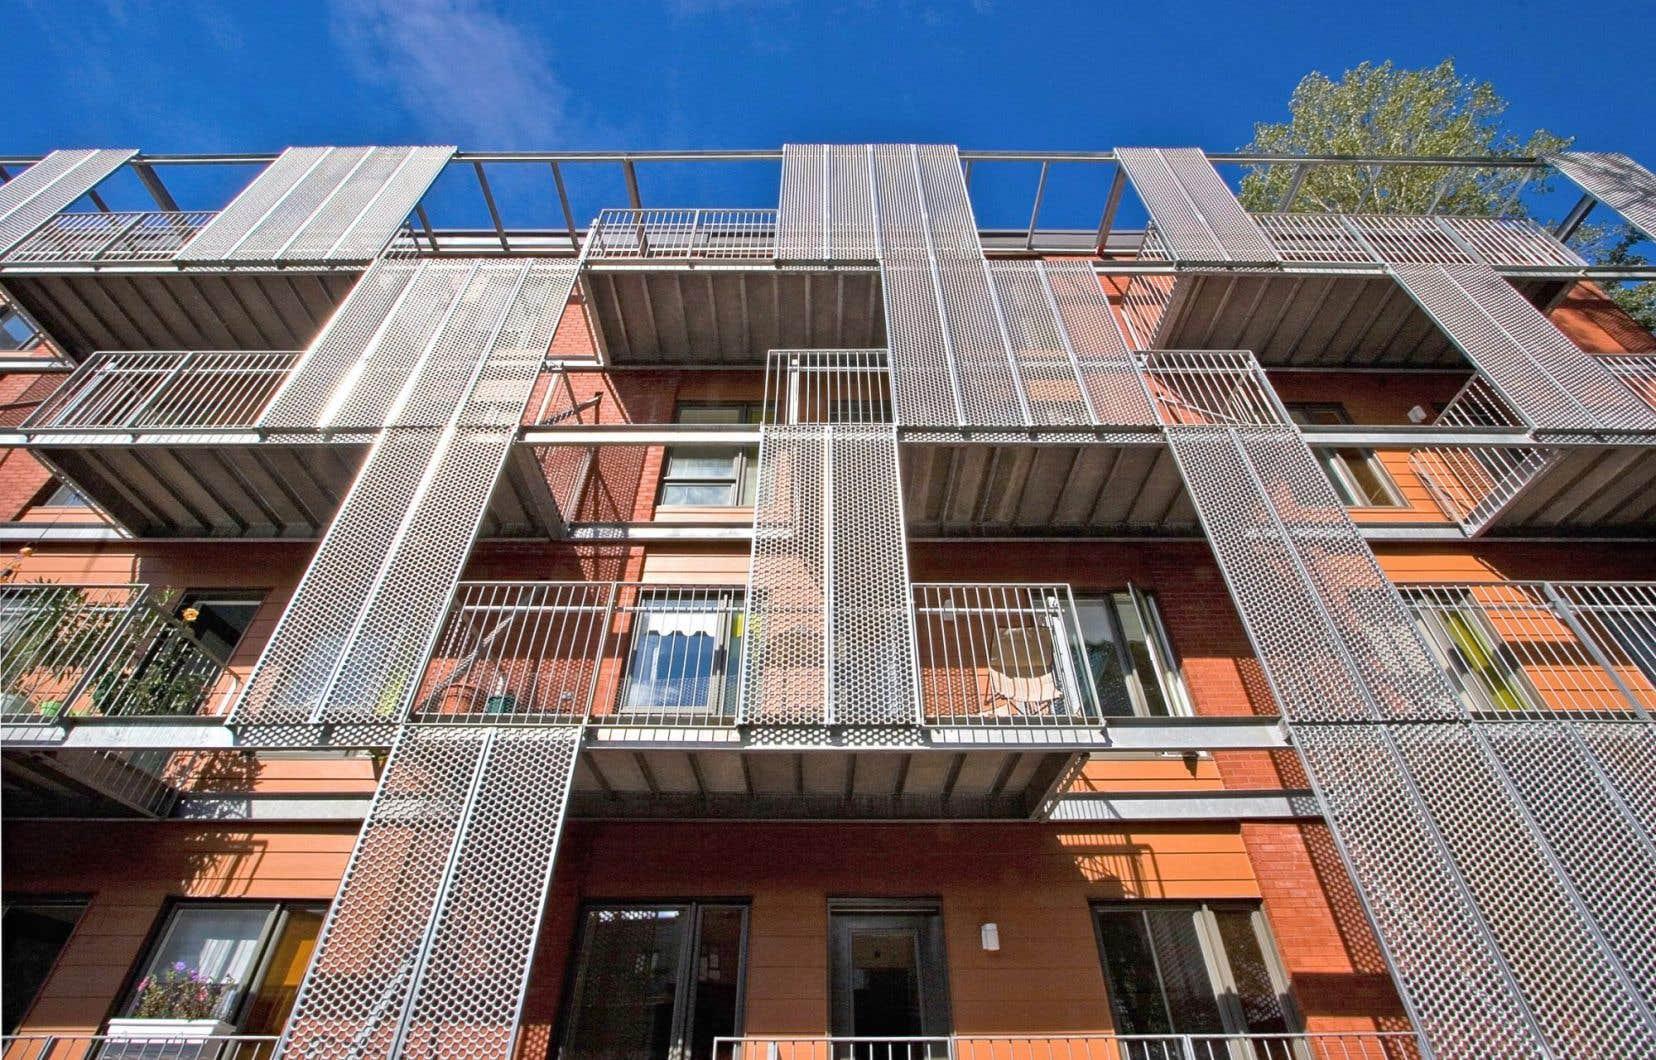 Un projet de logement social communautaire dans l'arrondissement de Lachine. Des douzaines de projets en voie de réalisation s'ajouteront bientôt à l'offre de logement social existante à Montréal.